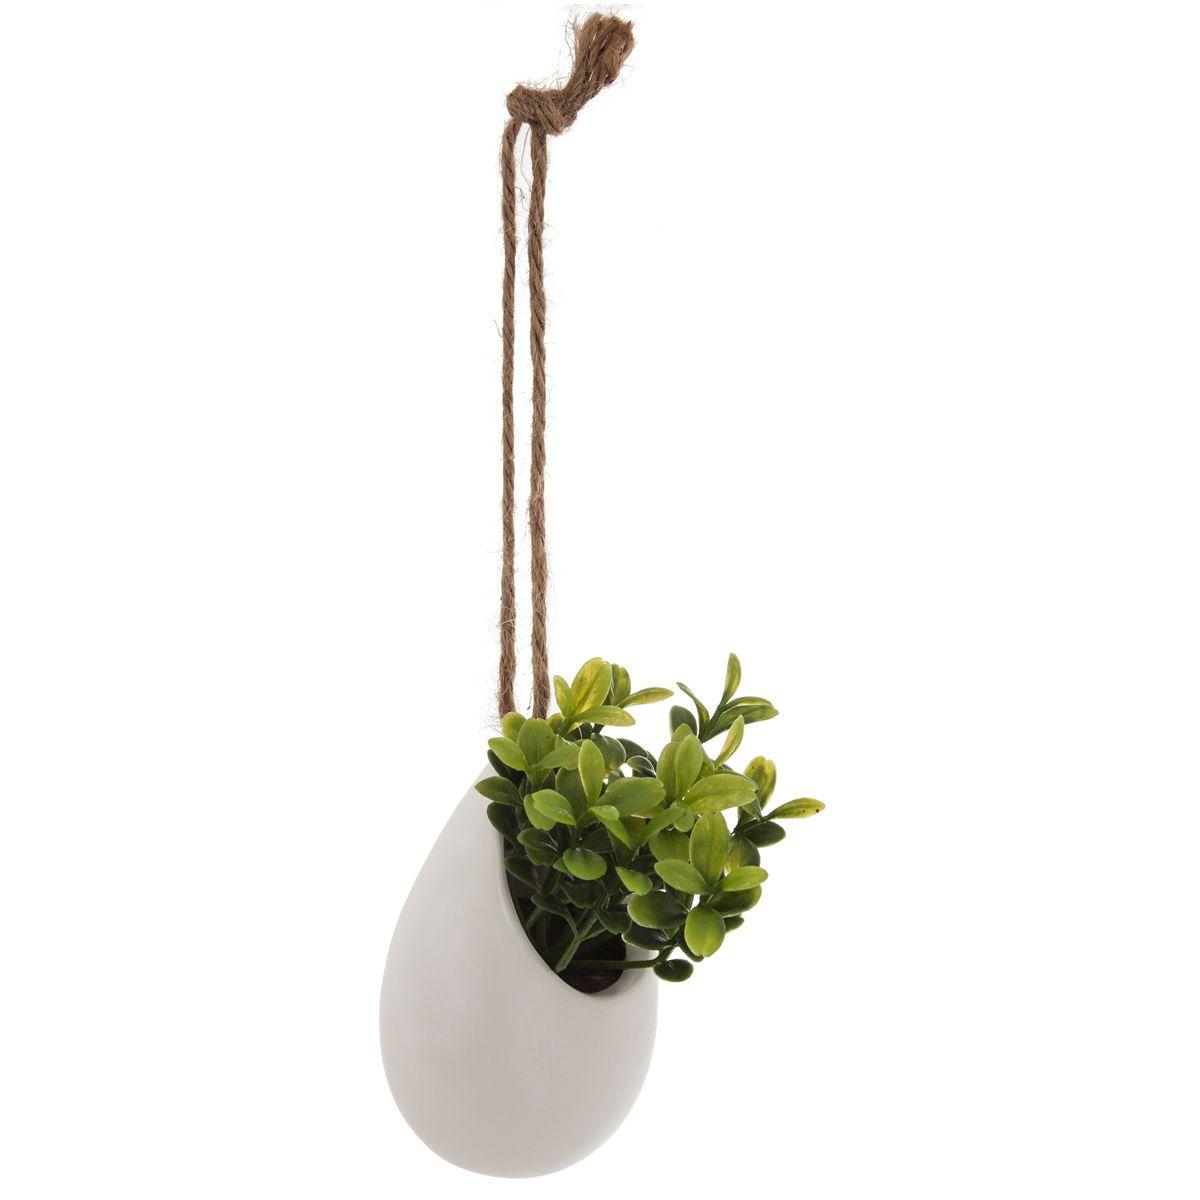 Plante artificielle sur corde à suspendre